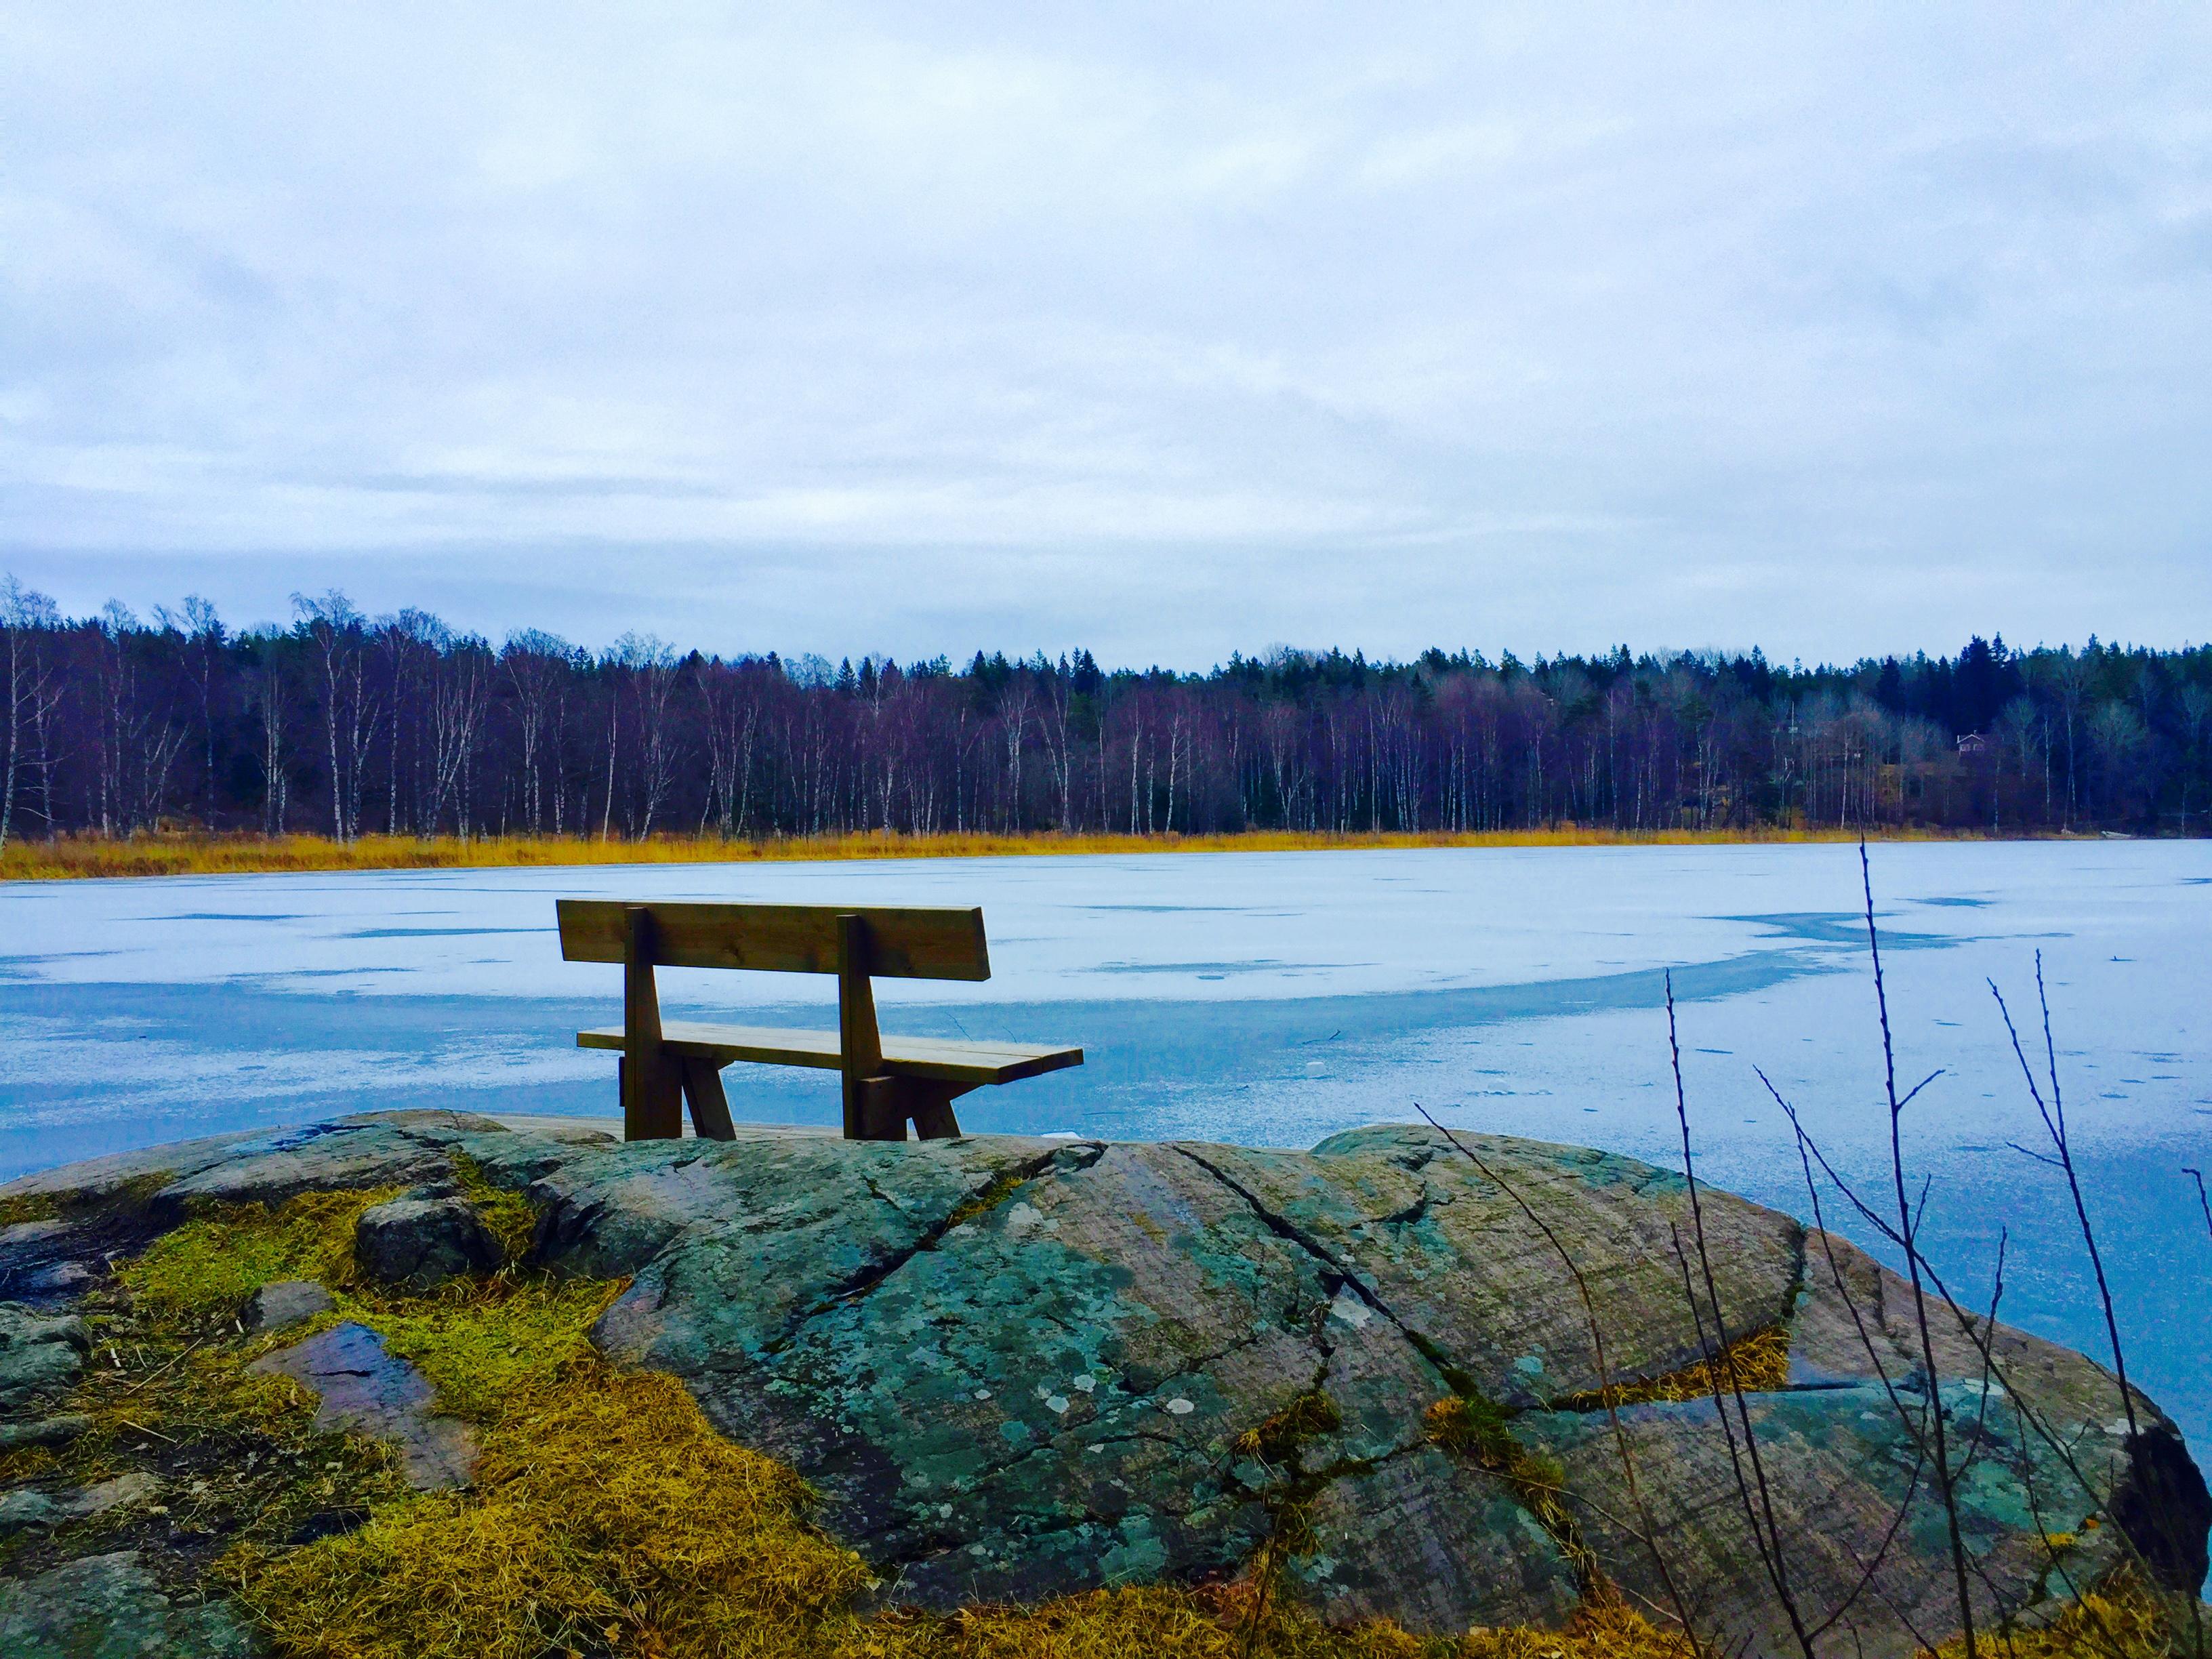 Ensam bänk vid blåfrusen sjö